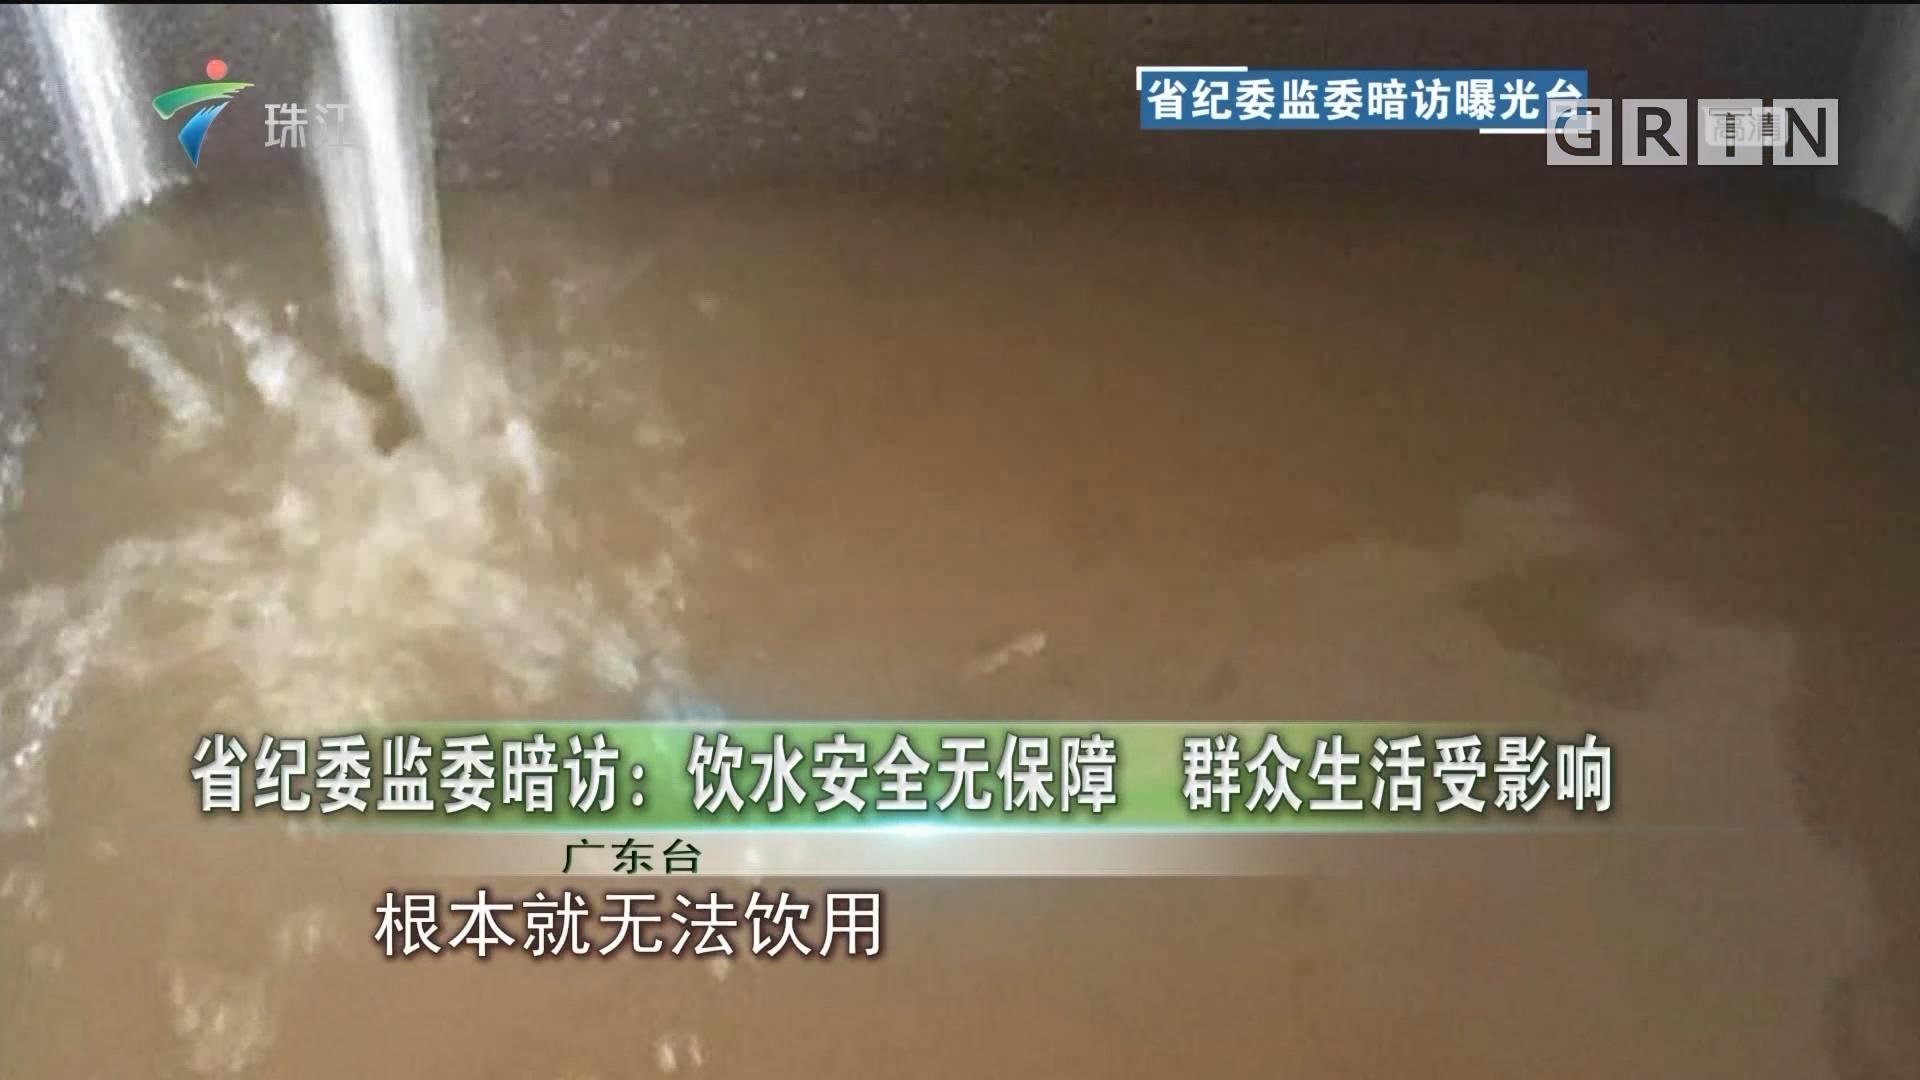 省纪委监委暗访:饮水安全无保障 群众生活受影响